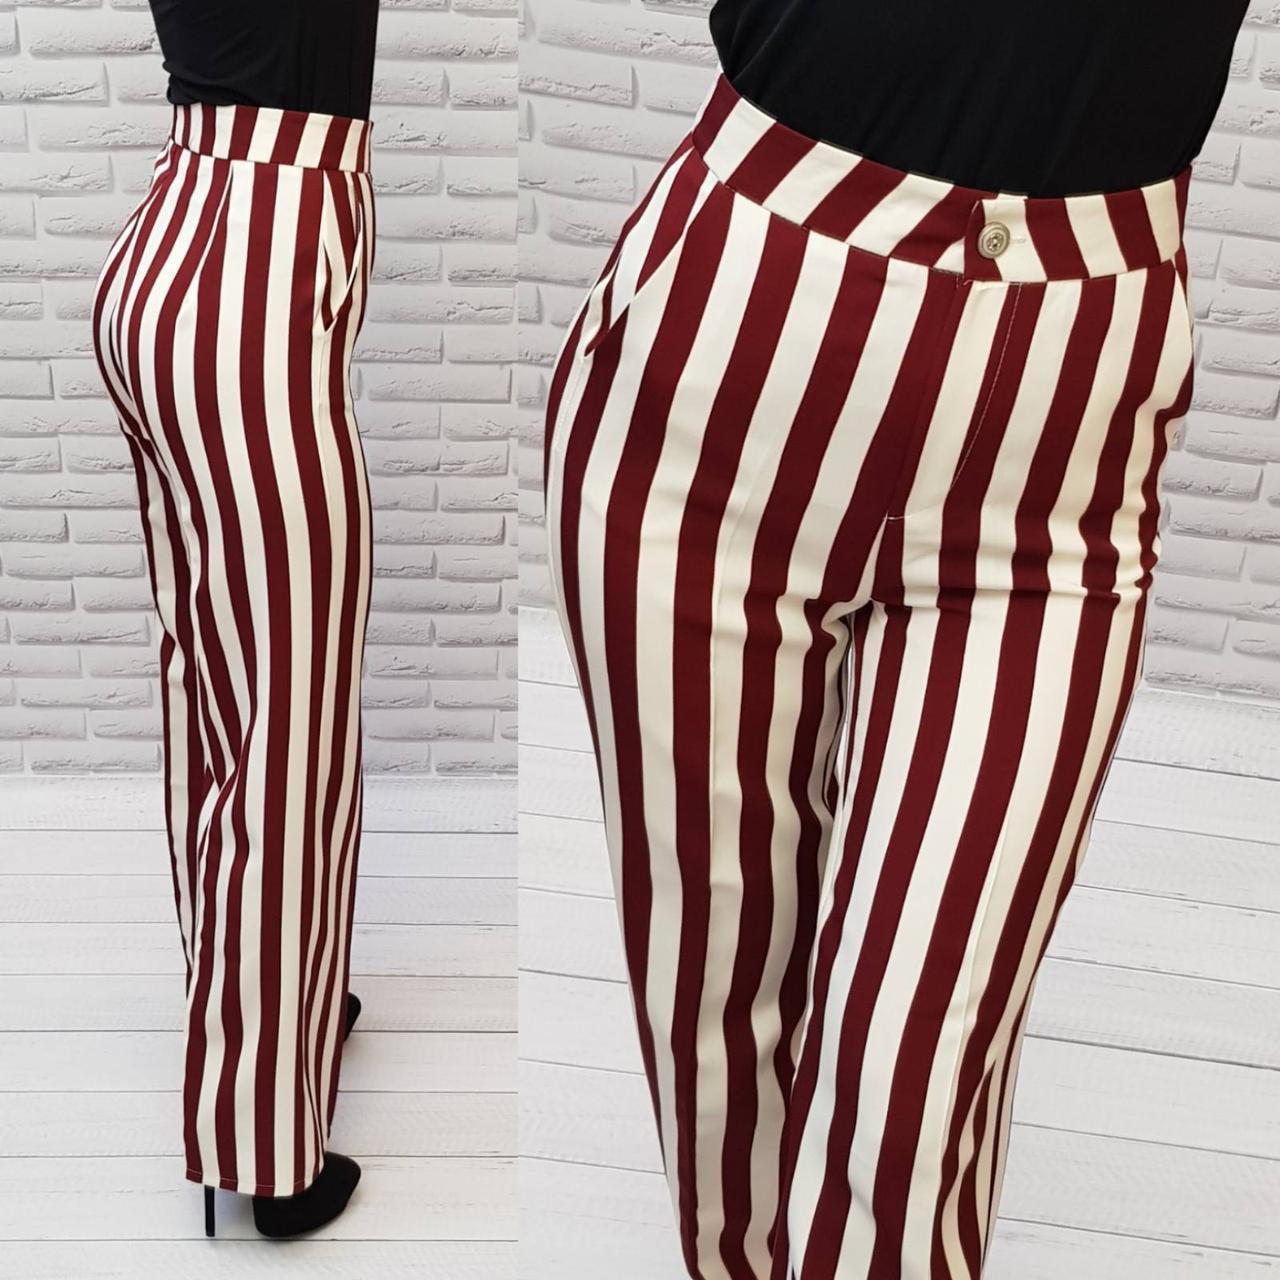 Стильные брюки в полоску с завышенной талией, арт 188, красная с белым полоска